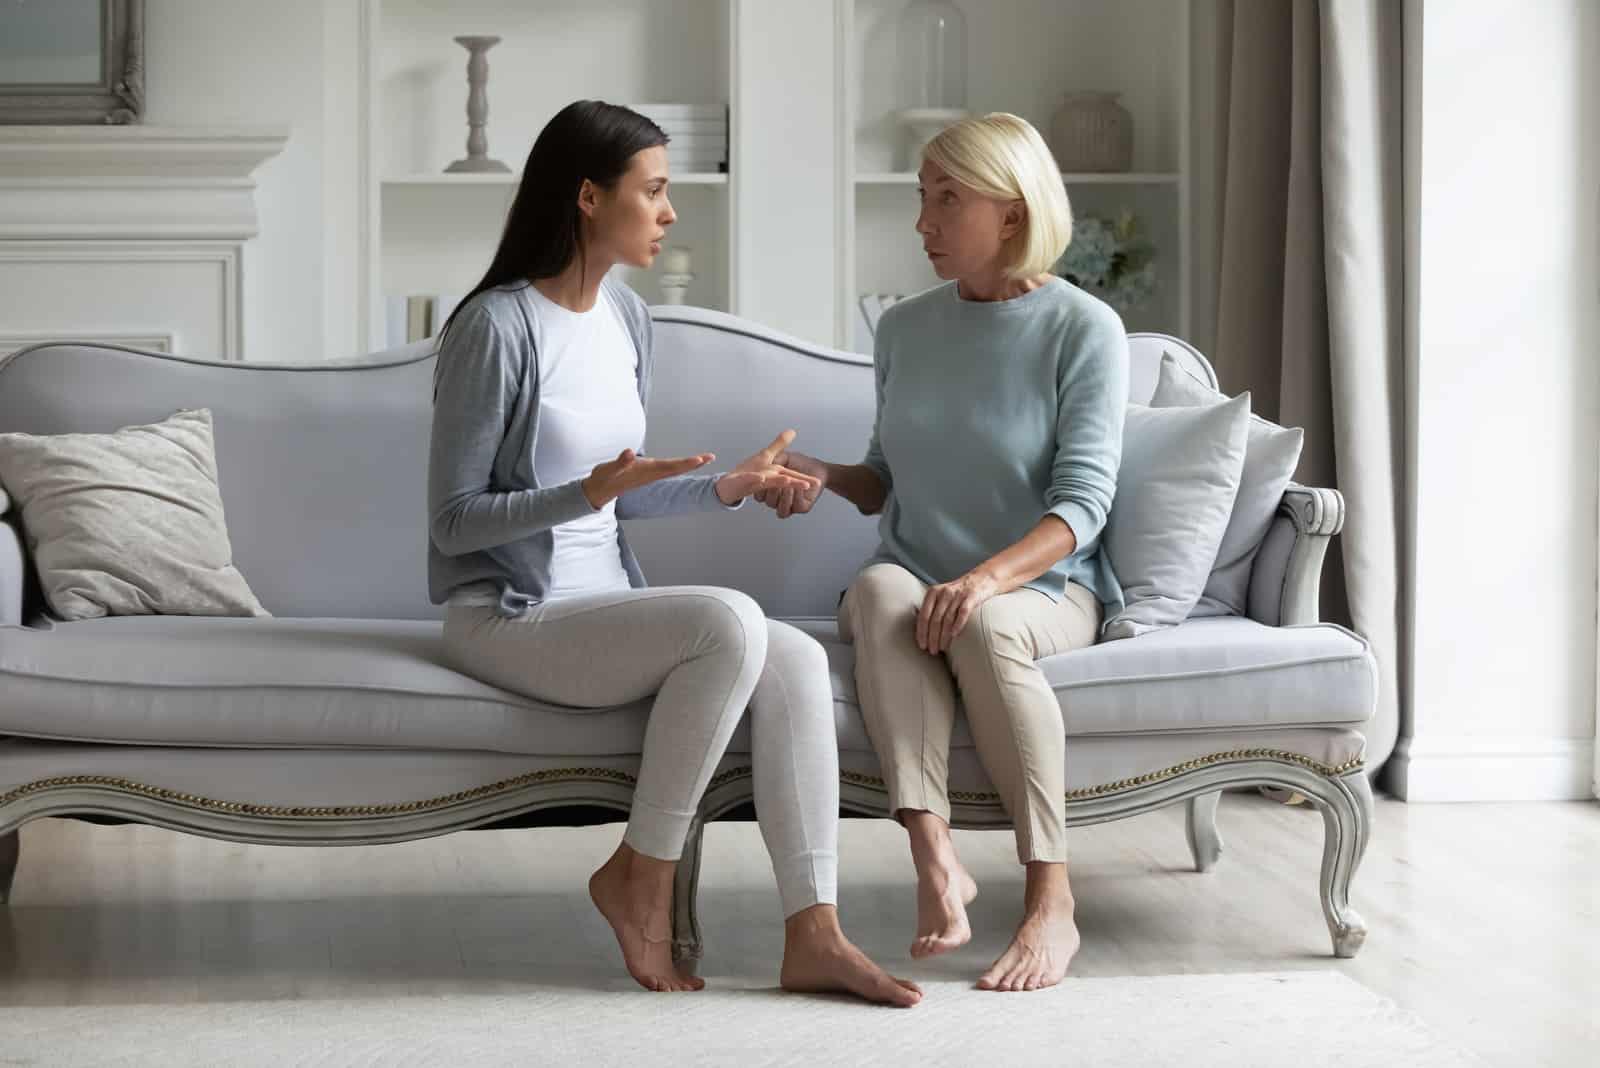 erwachsene Tochter sitzt auf der Couch mit älterer Mutter